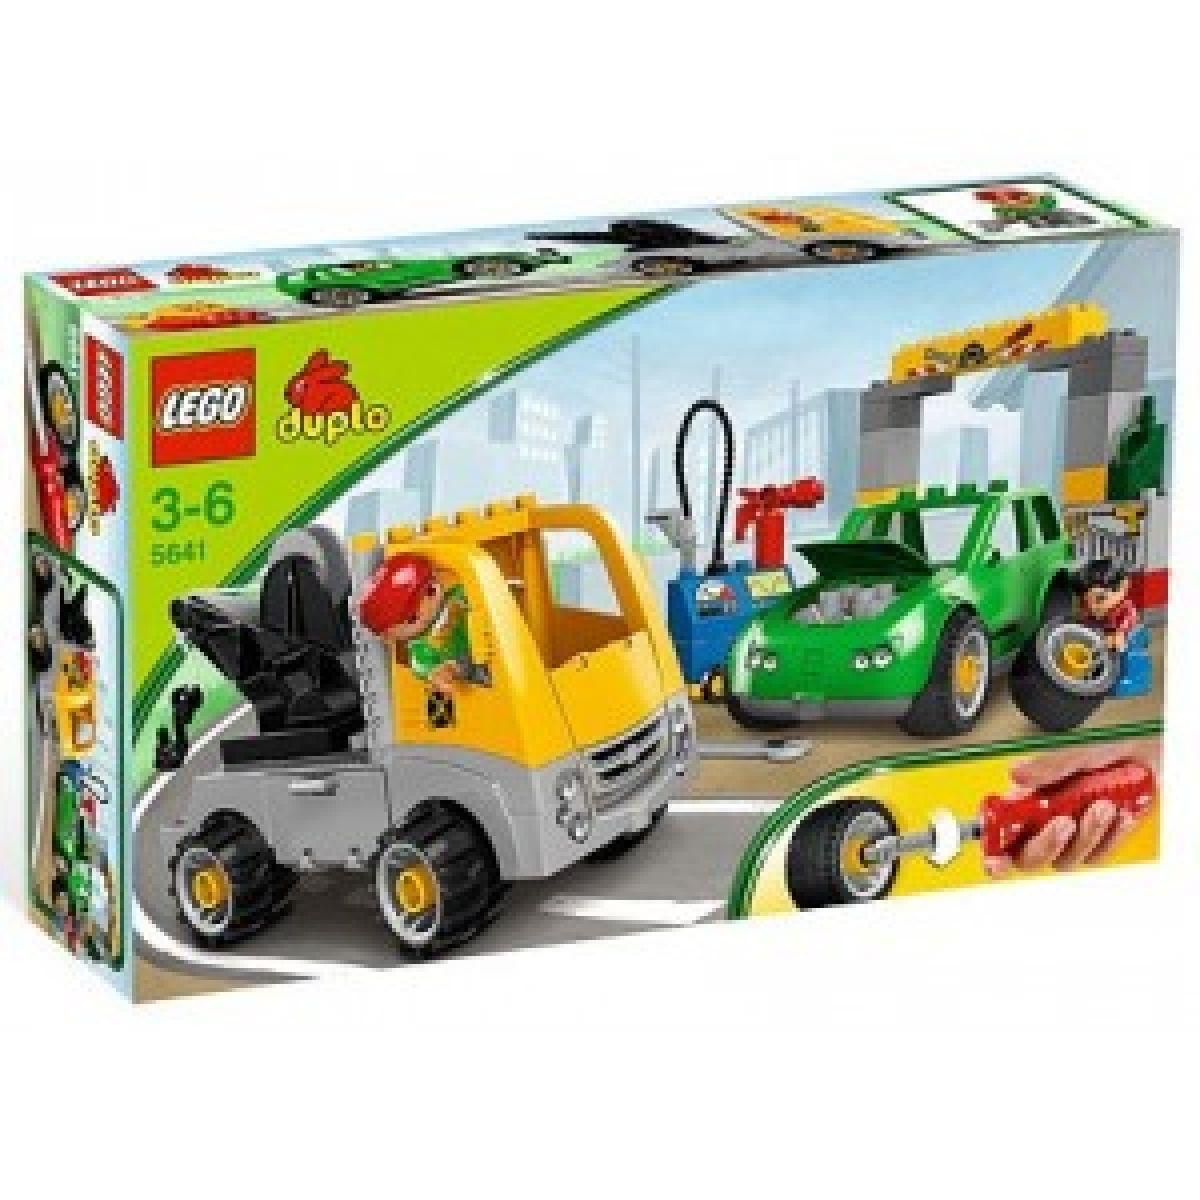 LEGO DUPLO 5641 Rušná autoopravna